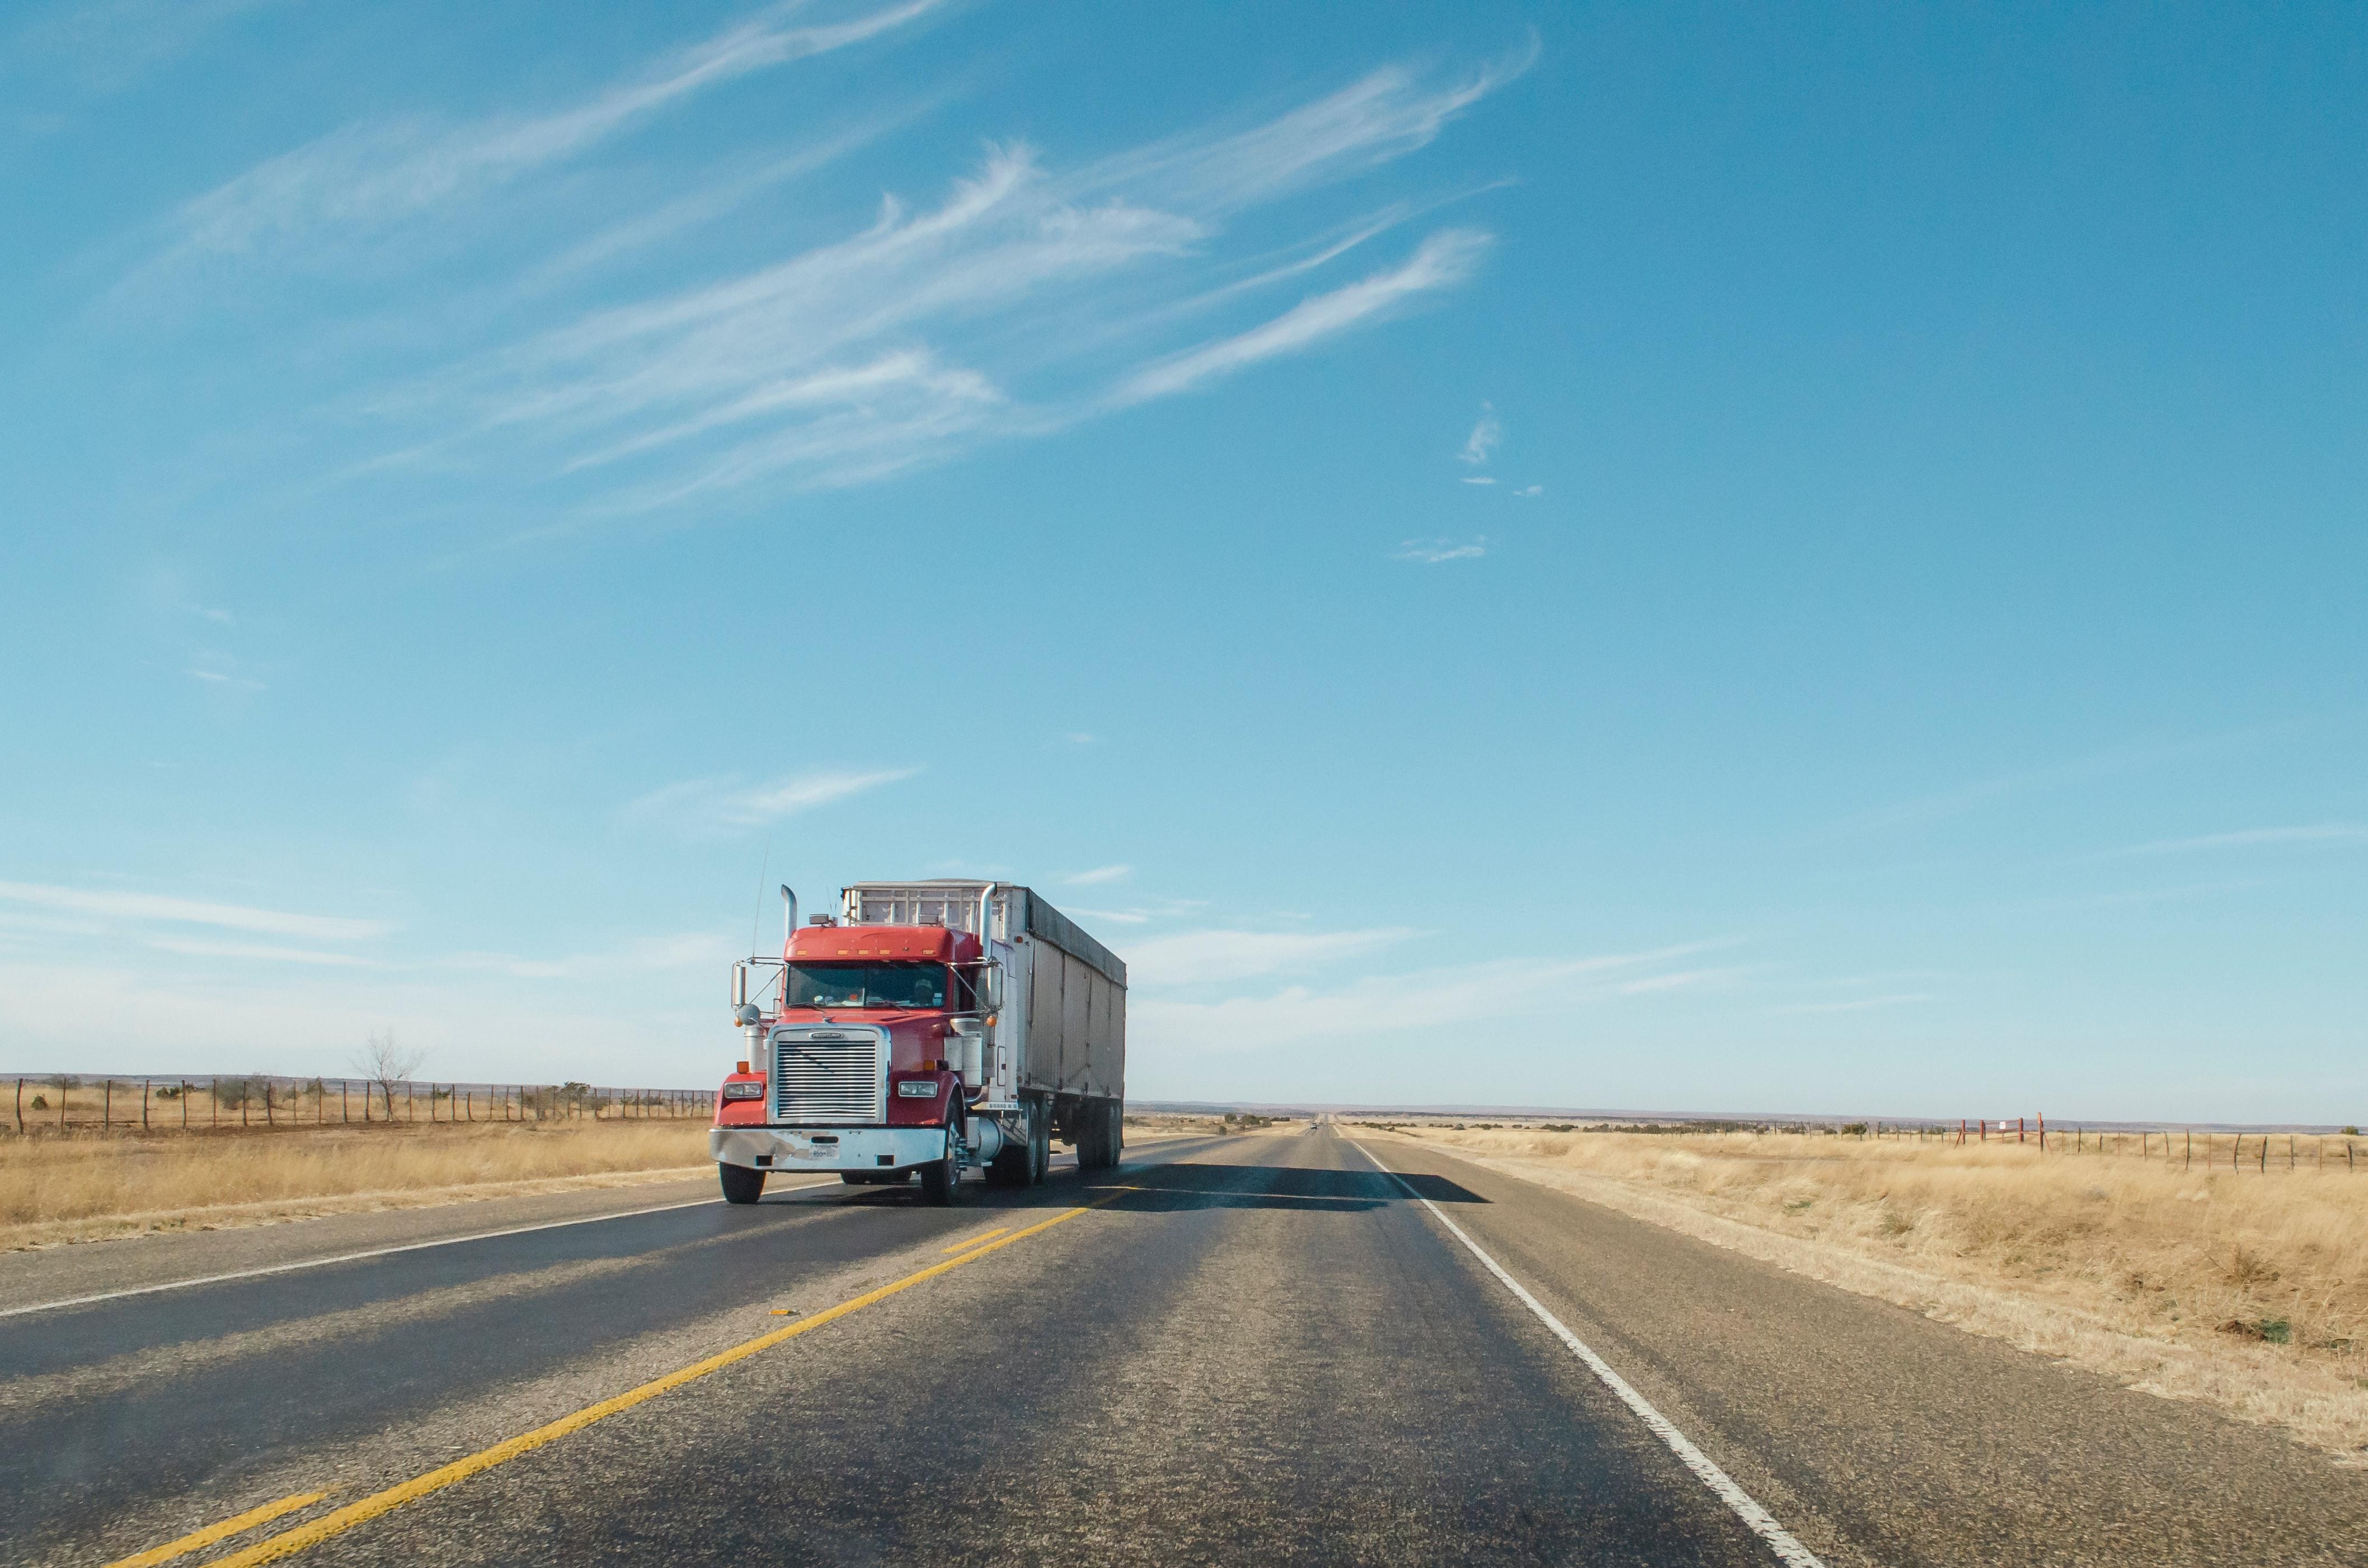 Medidas para prevenir el robo a transportes de carga en tiempos de COVID-19